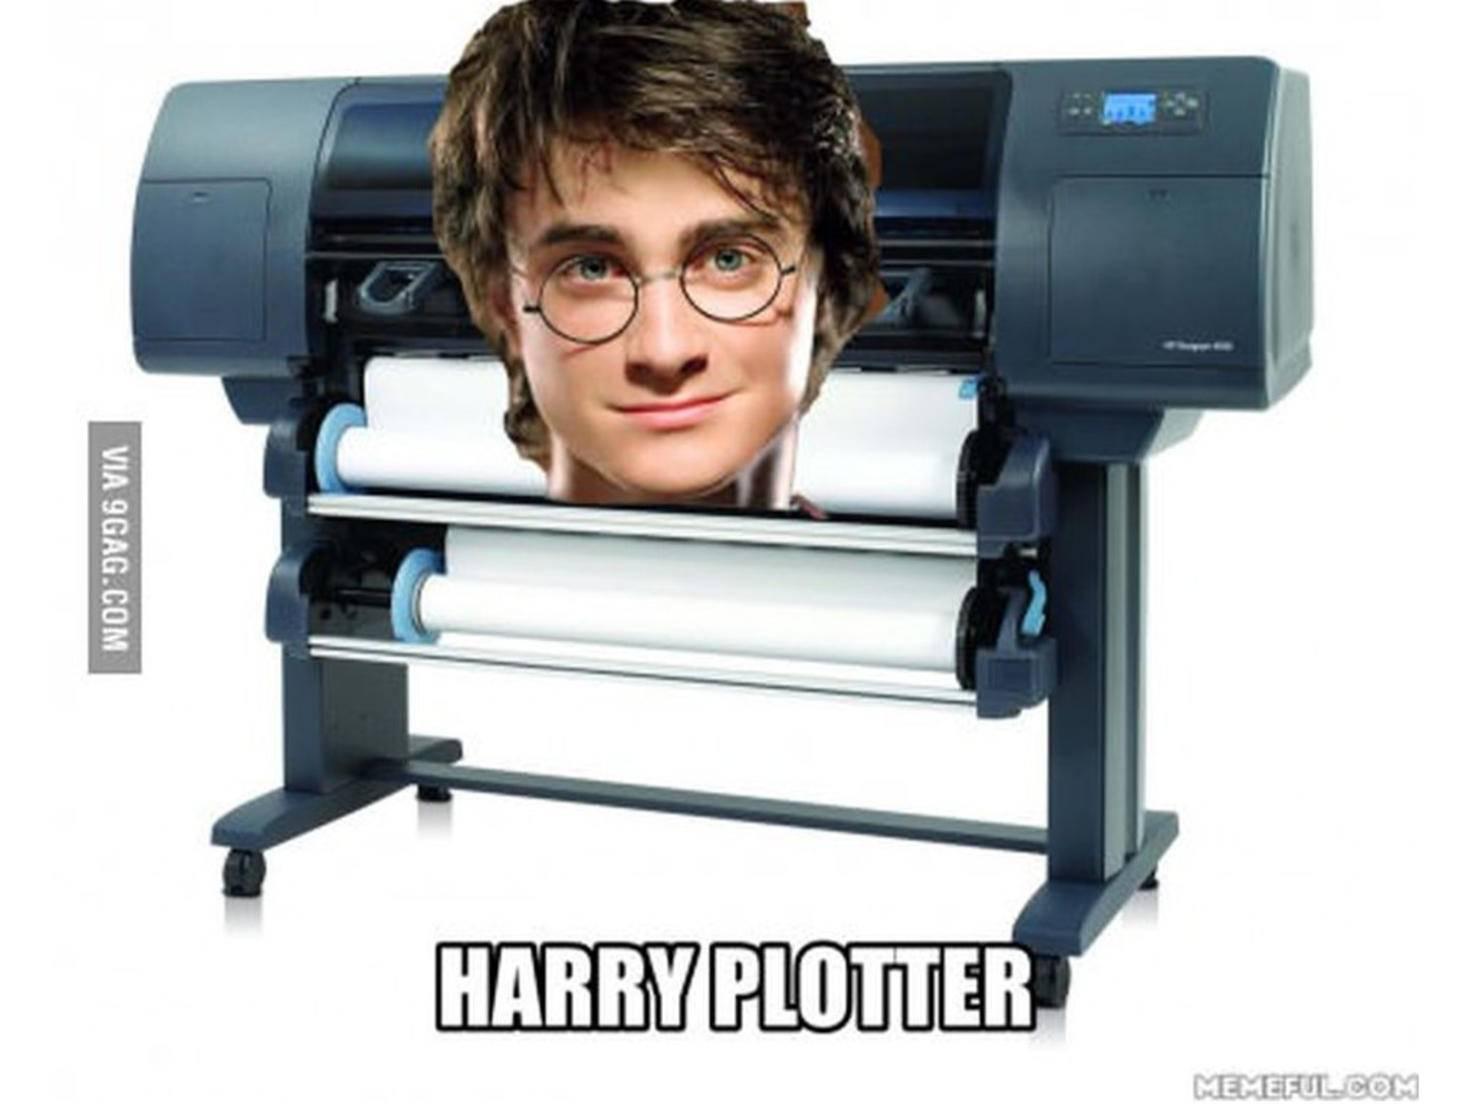 Digitale statt analoger Post? Dann ist Harry Plotter wohl bald arbeitslos.